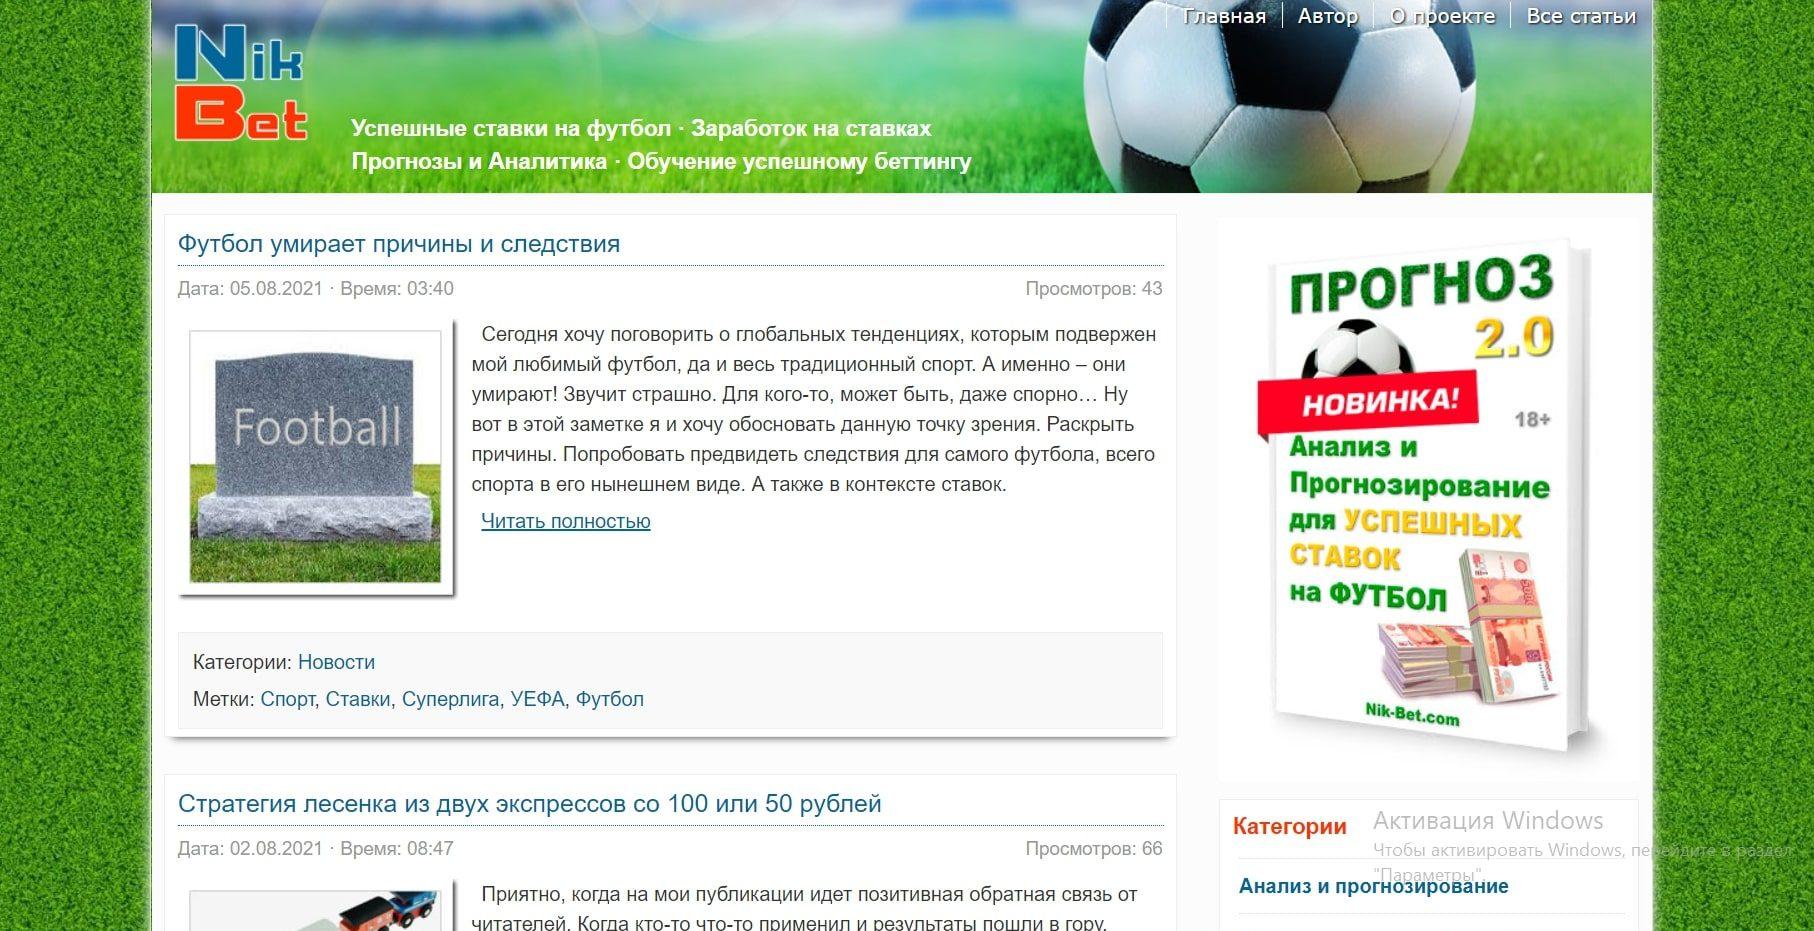 Nik-bet - сайт, посвященный заработку на ставках